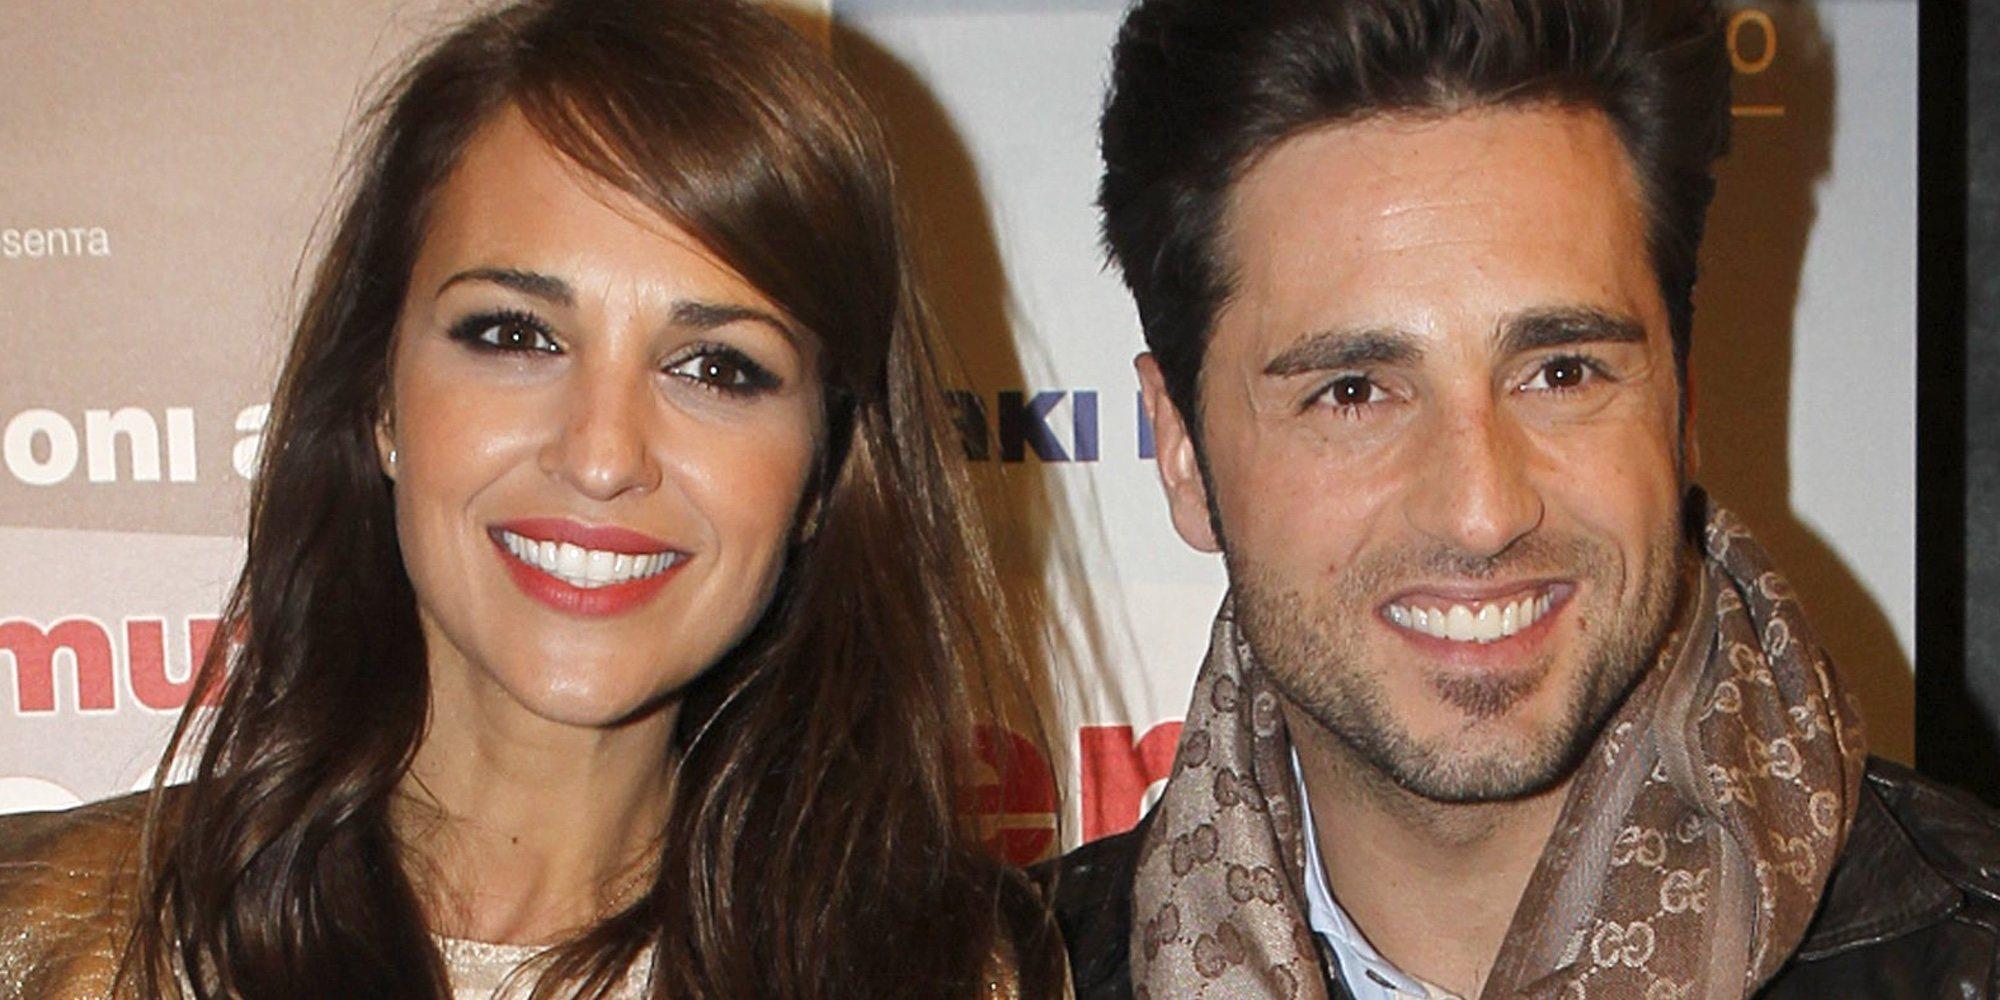 Paula Echevarría habría sido infiel a David Bustamante con otro actor según Kiko Matamoros